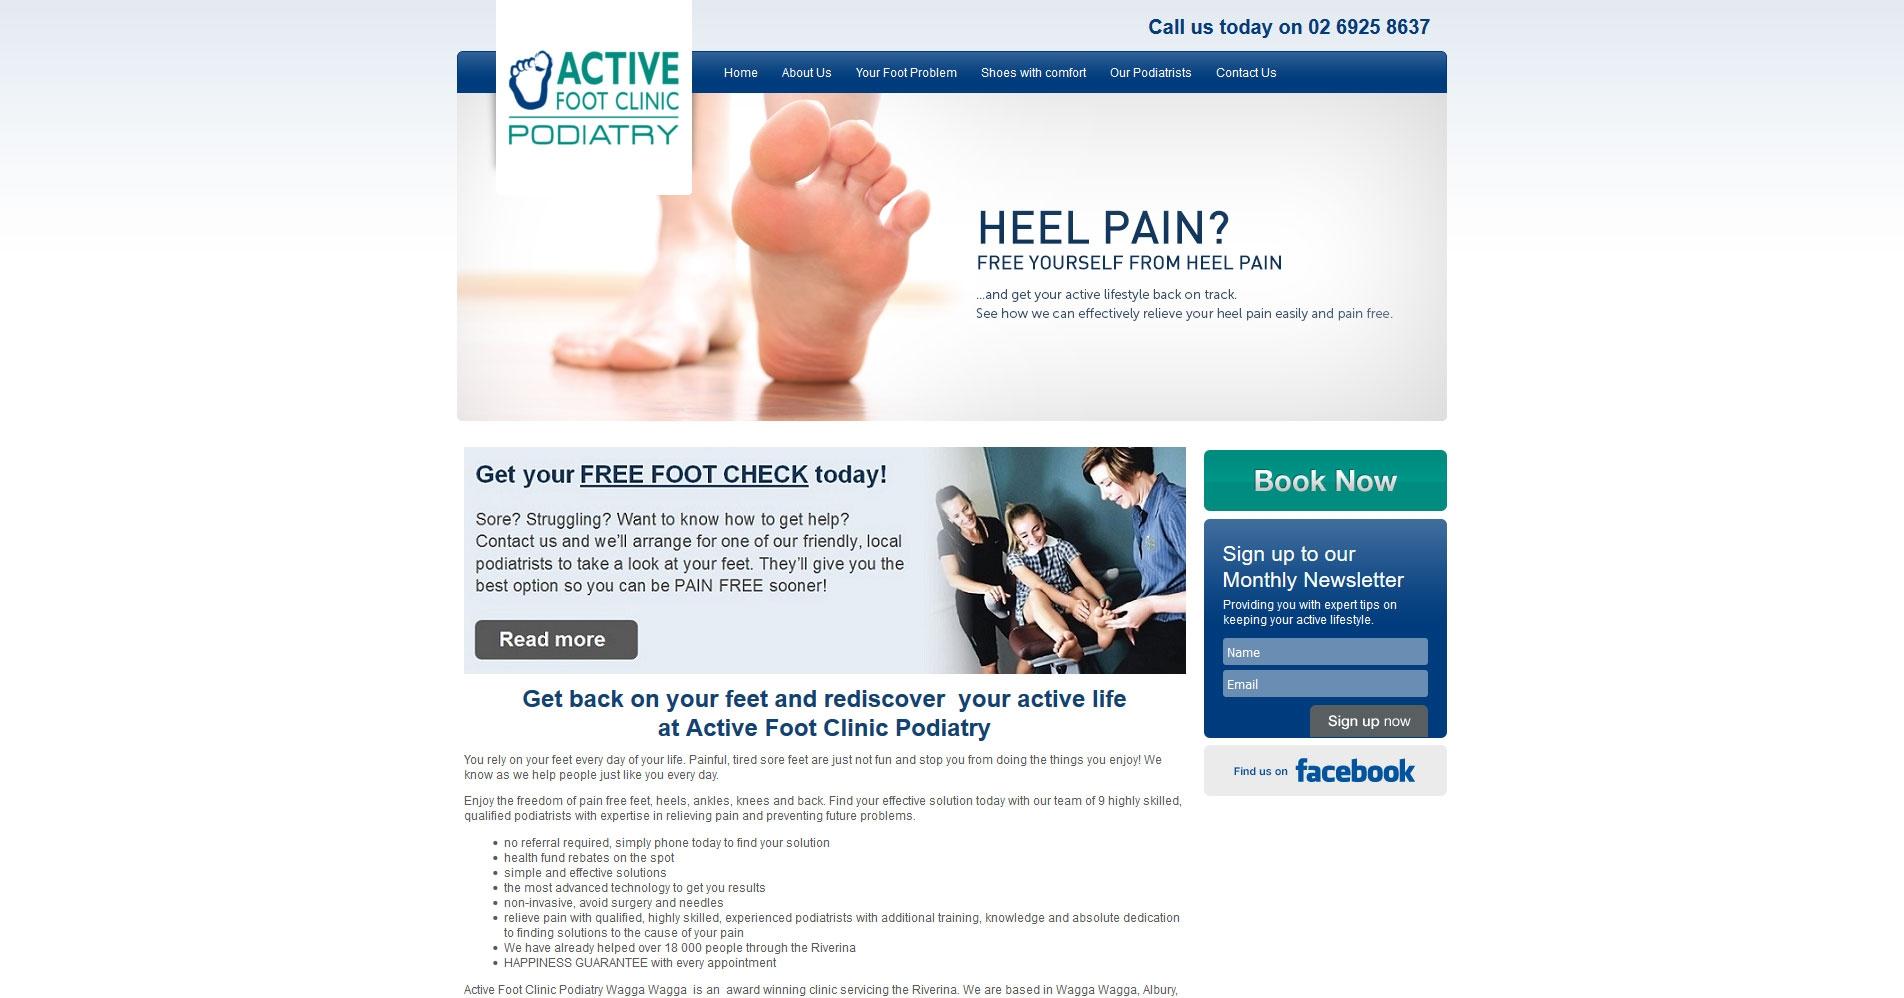 activefoot.jpg